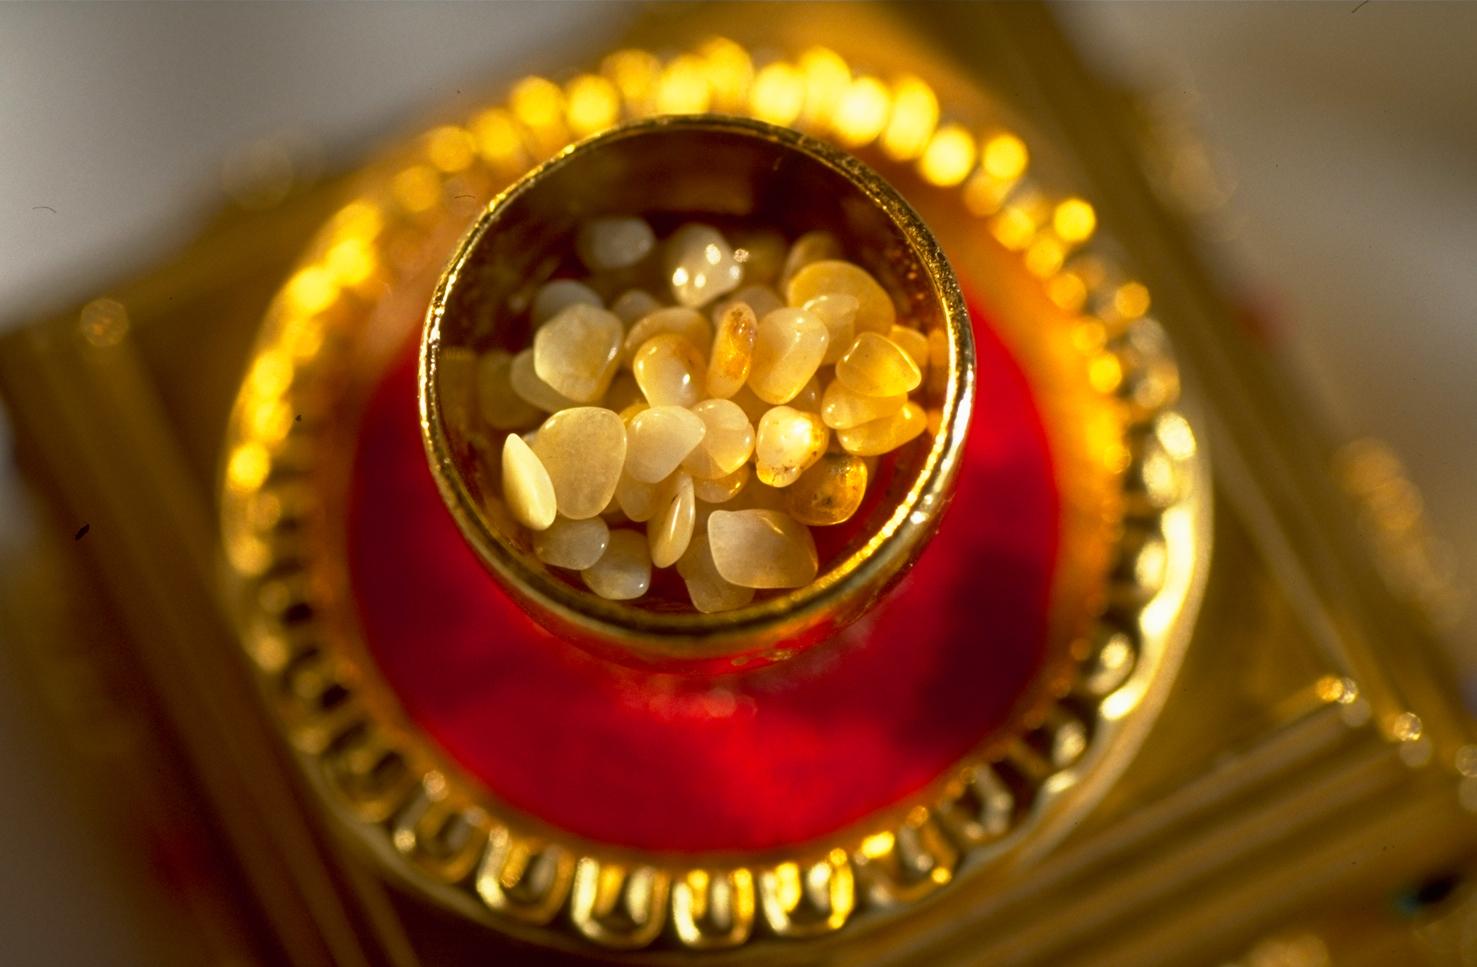 Razstava Budovih relikvij za mir in sočutje